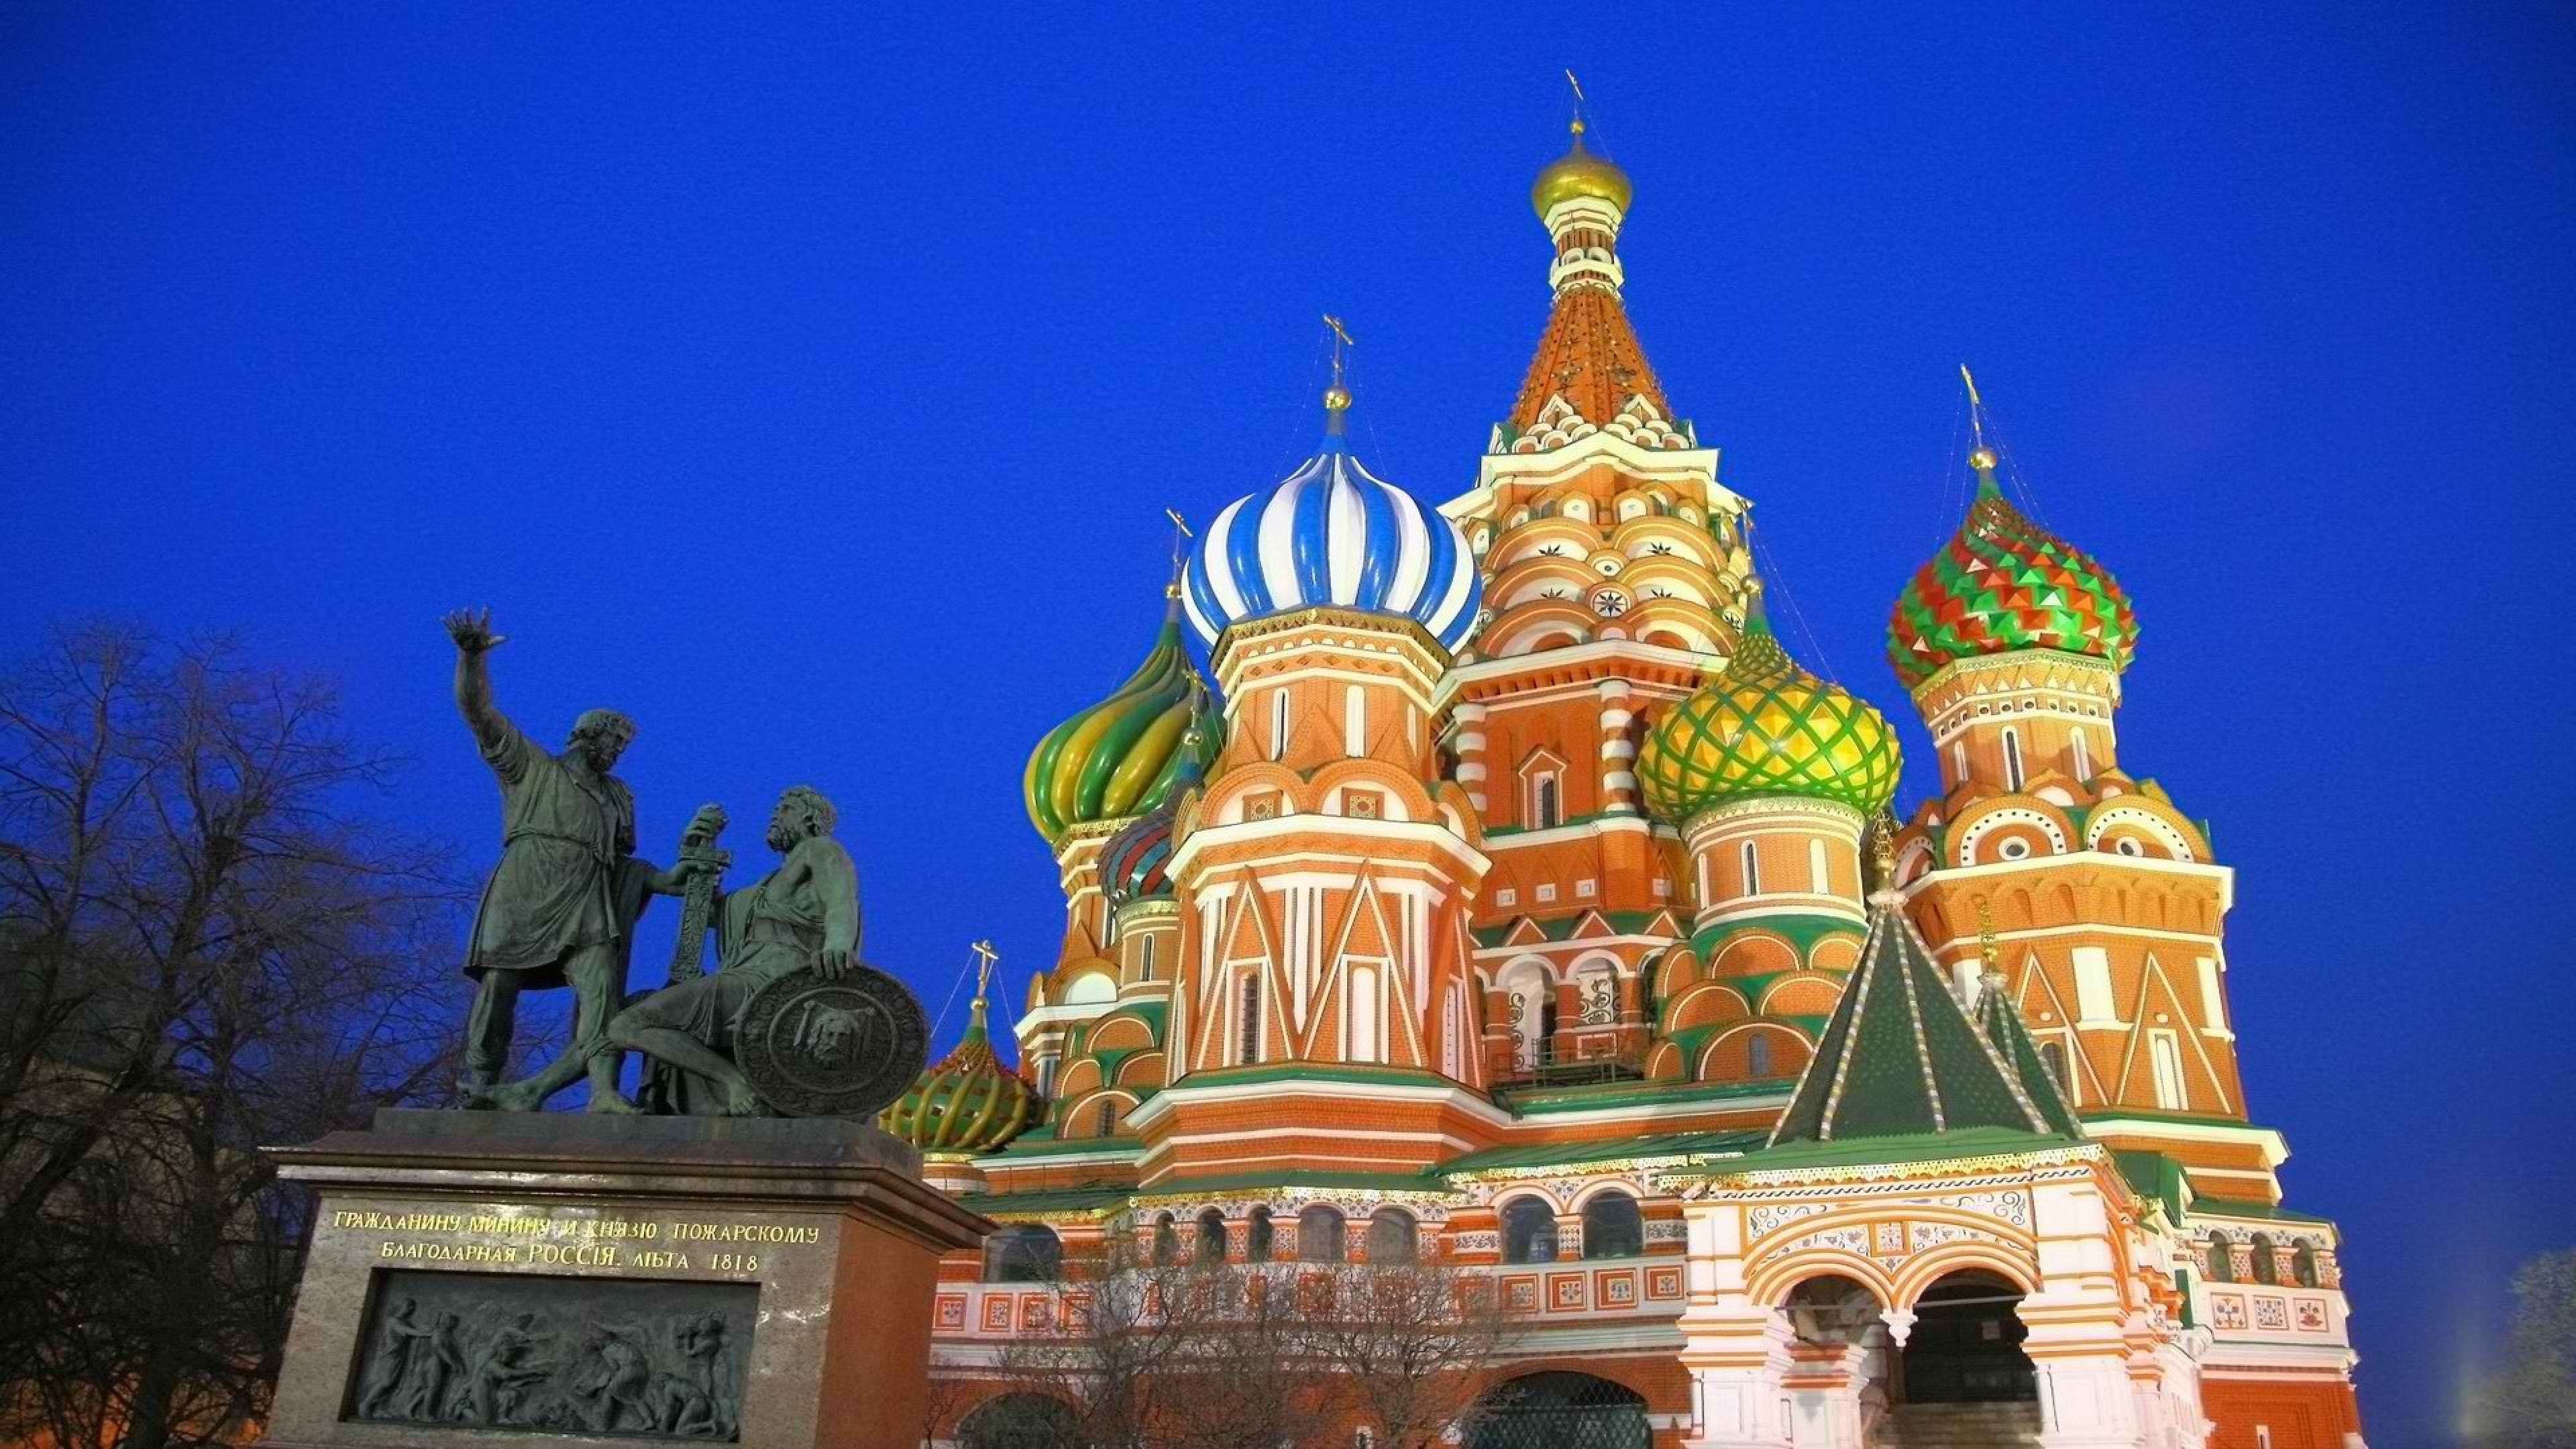 ¿Sabías que la Madre Teresa de Calcuta Hizo Consagrar Rusia al Corazón de María dentro del Kremlin?